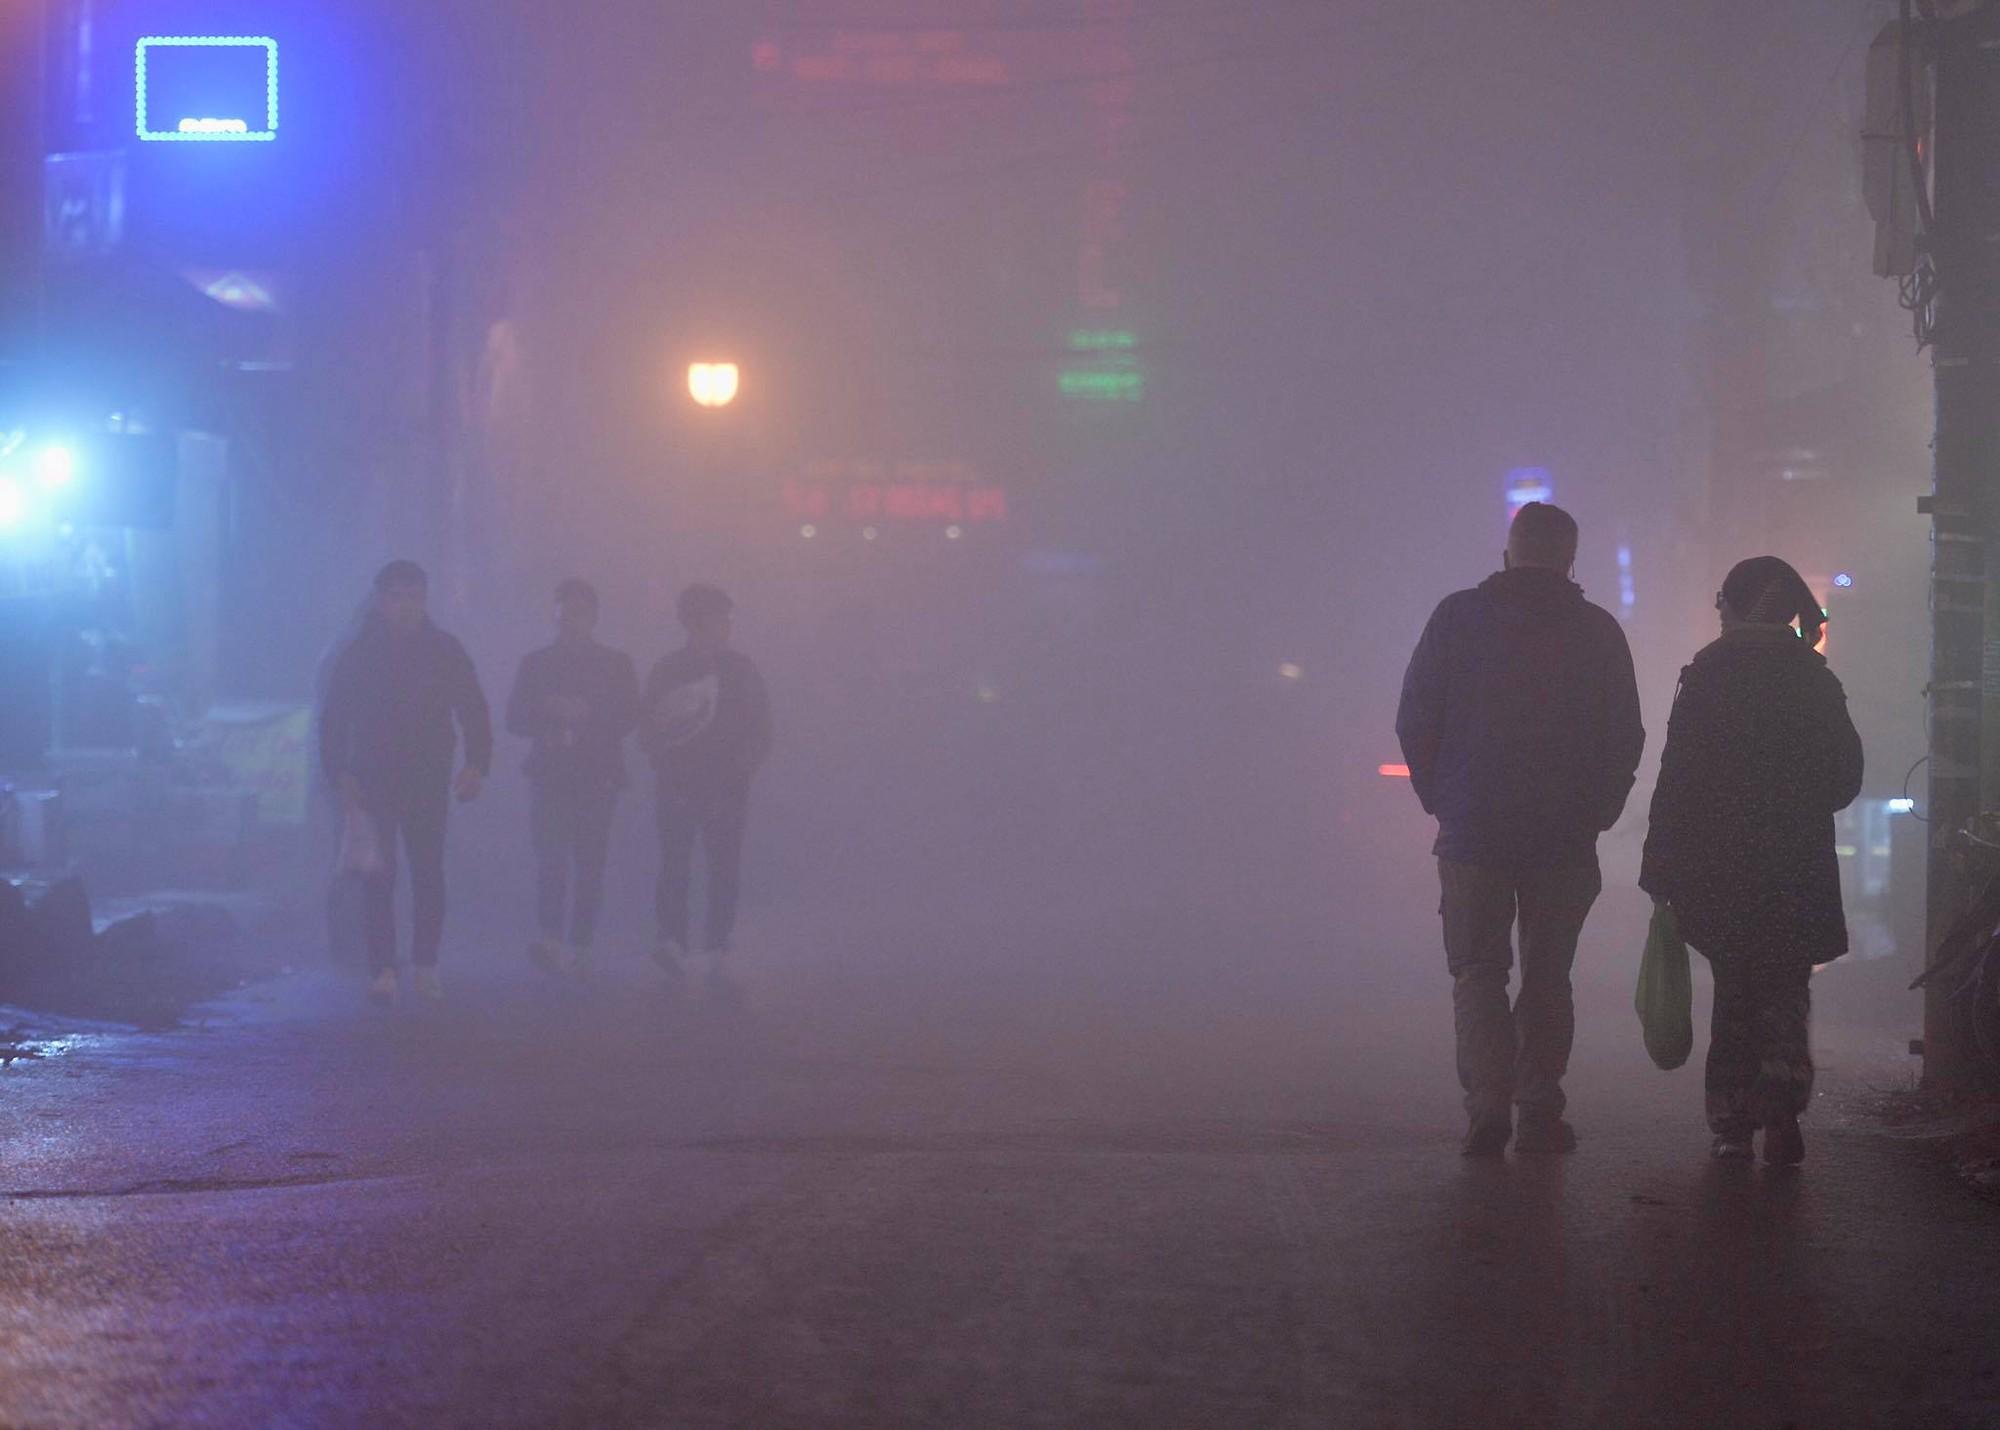 Chùm ảnh: Cả thị trấn Sapa chìm trong sương mù dưới cái rét 4 độ C - Ảnh 1.